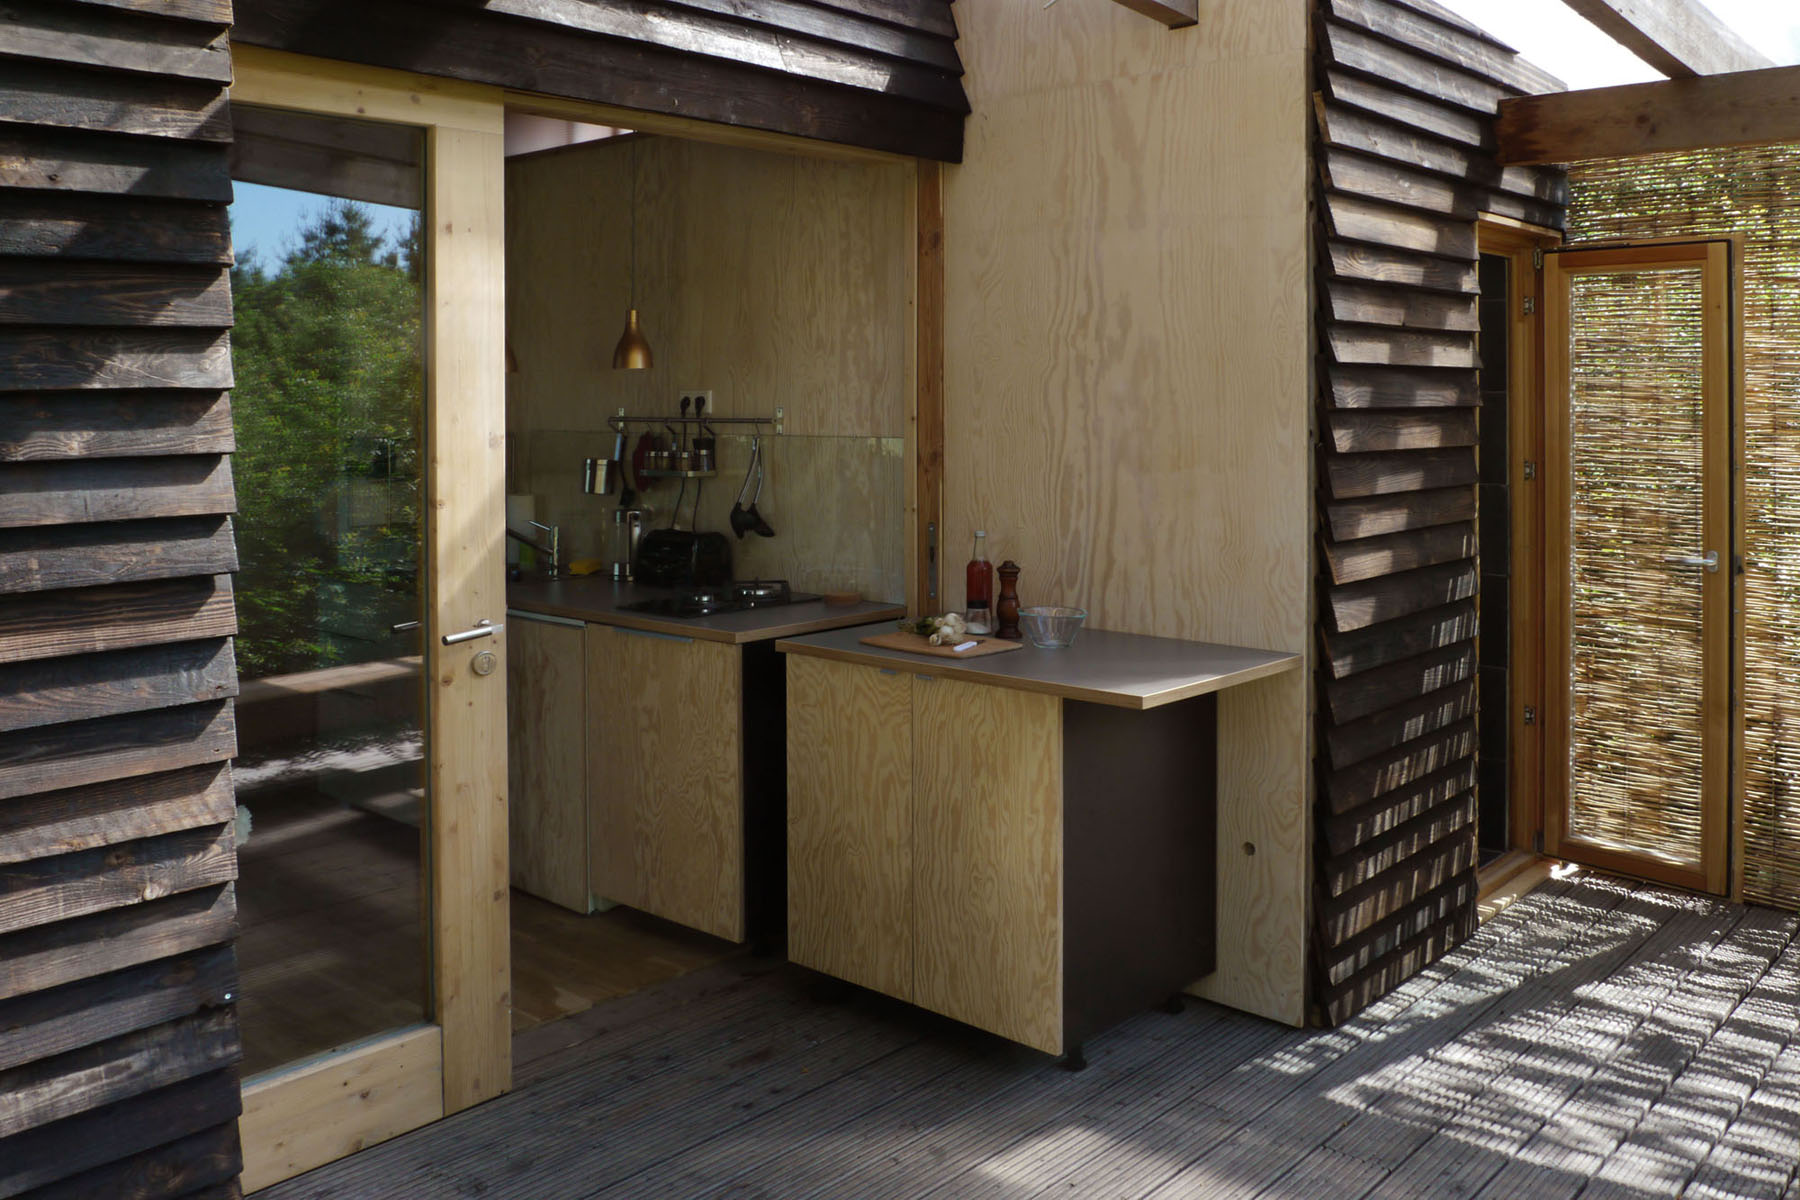 gartenh user rehof rutenberg ferienwohnungen ferienhaus ferien in brandenburg deutschland. Black Bedroom Furniture Sets. Home Design Ideas